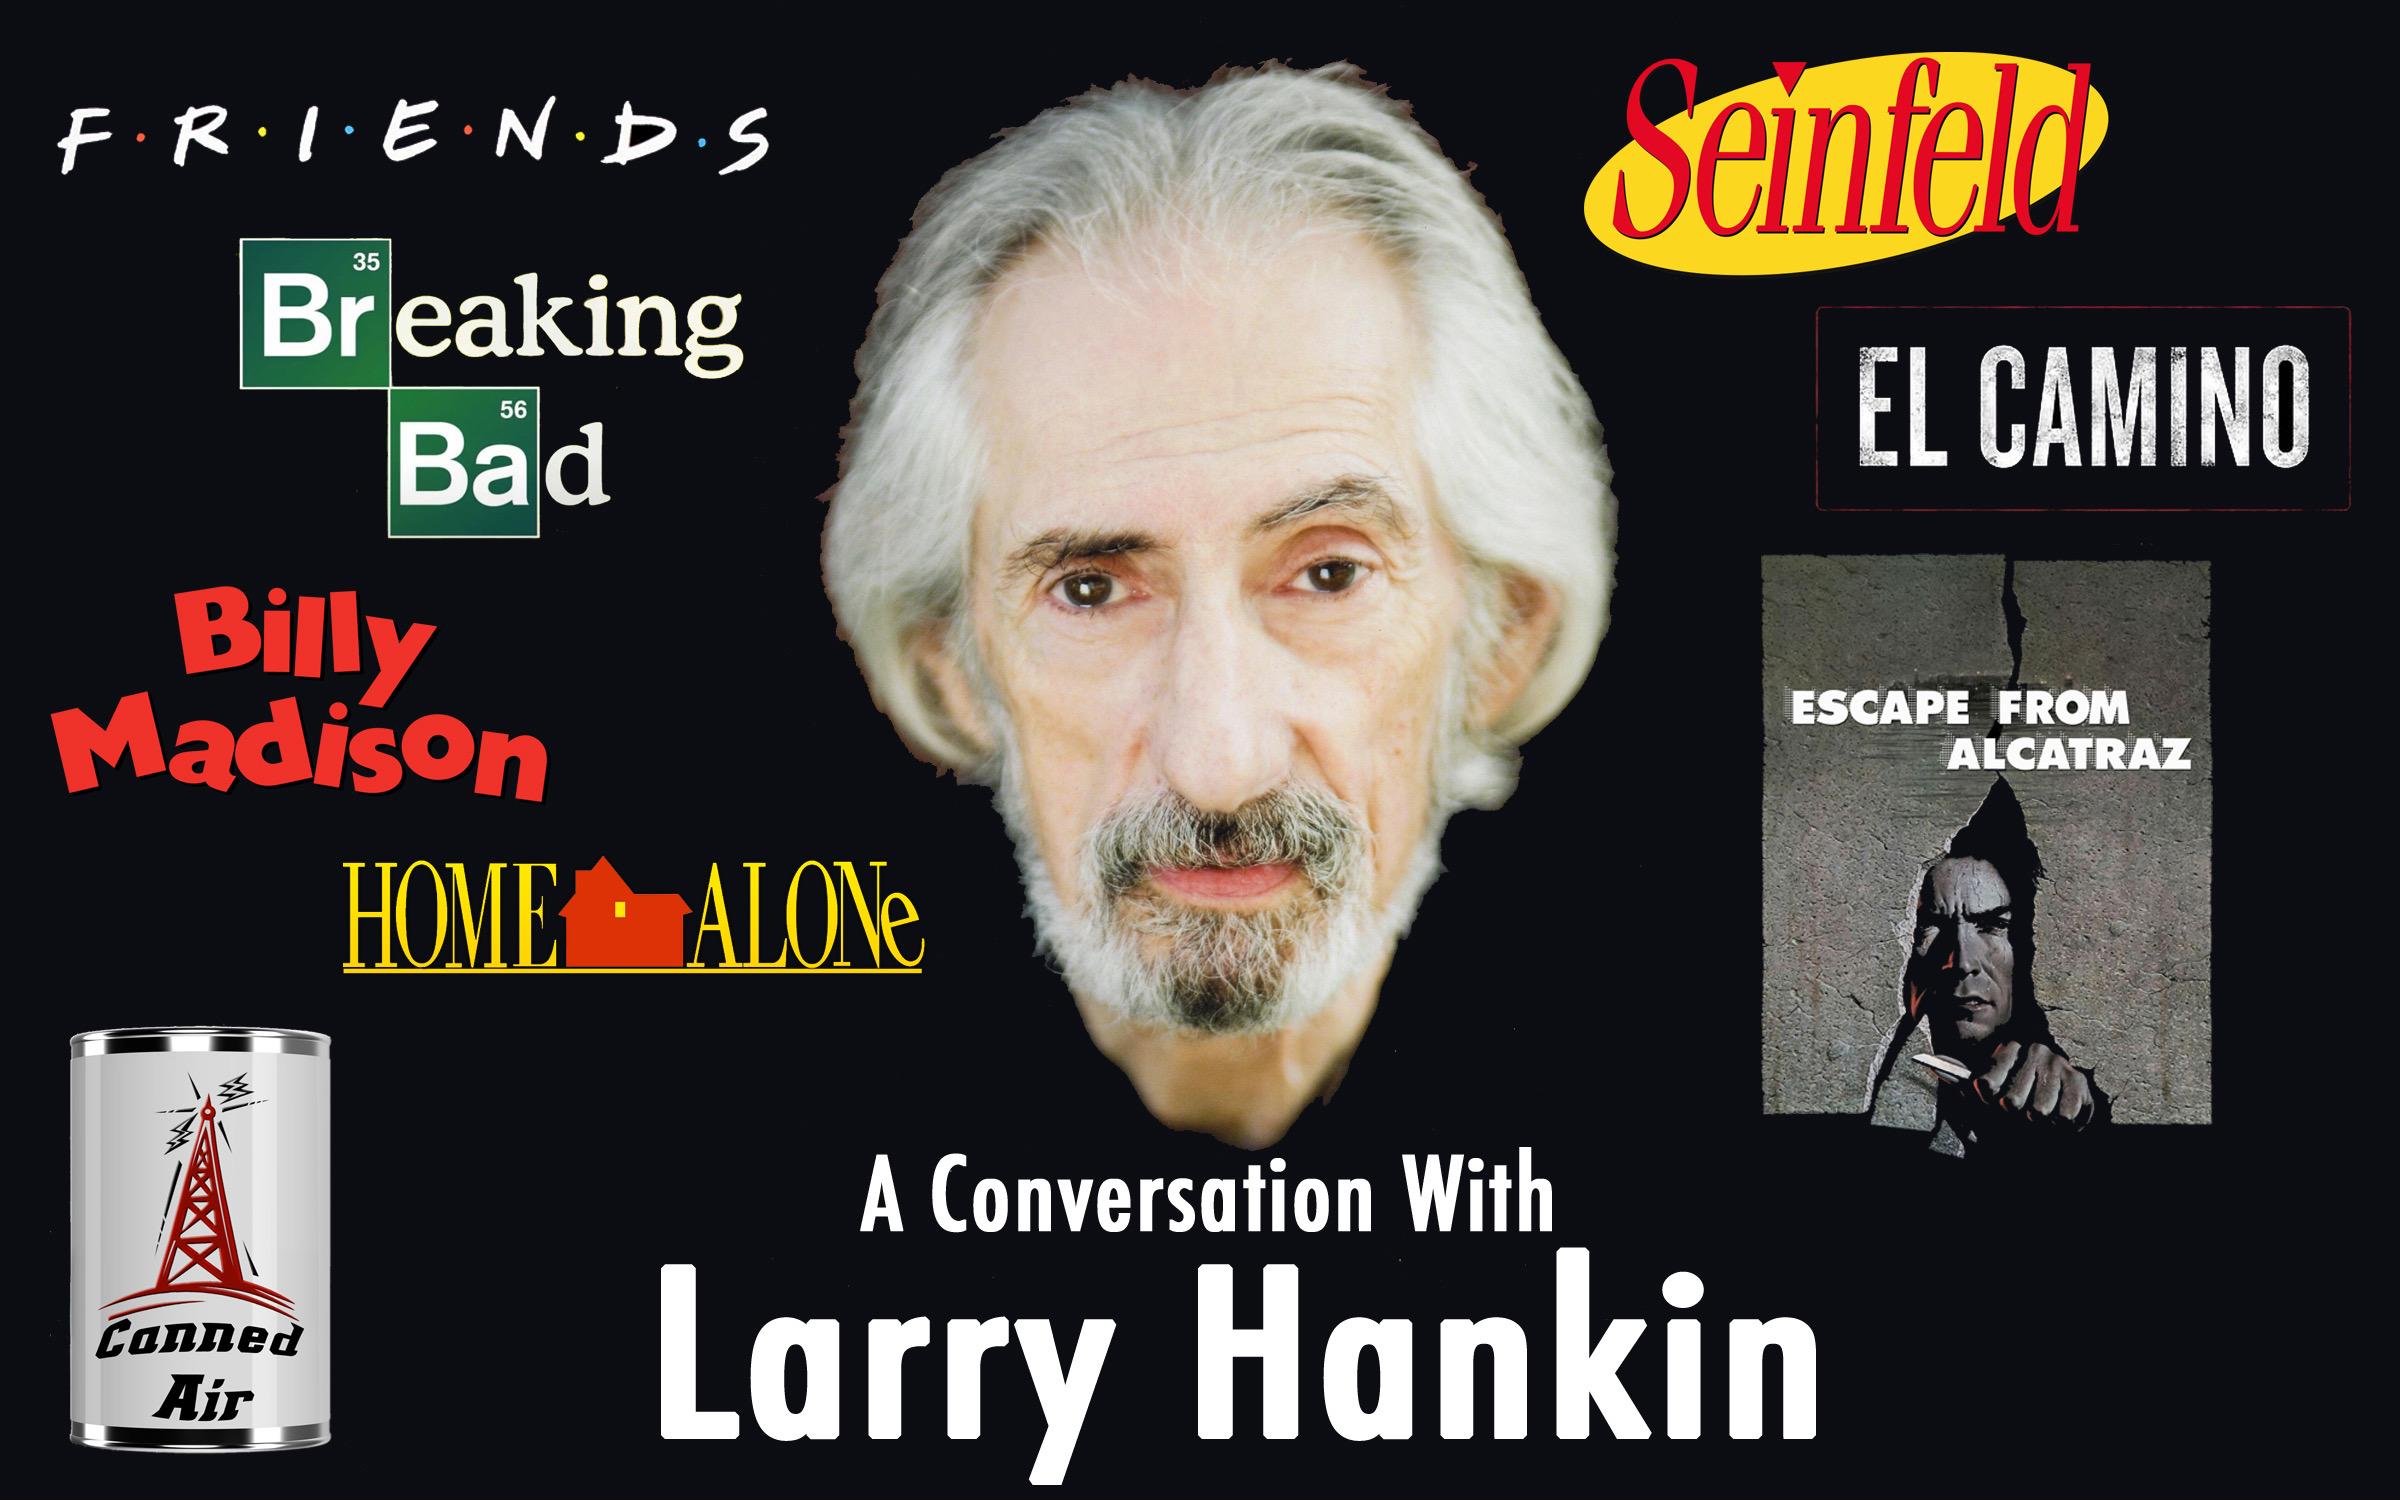 Larry Hankin